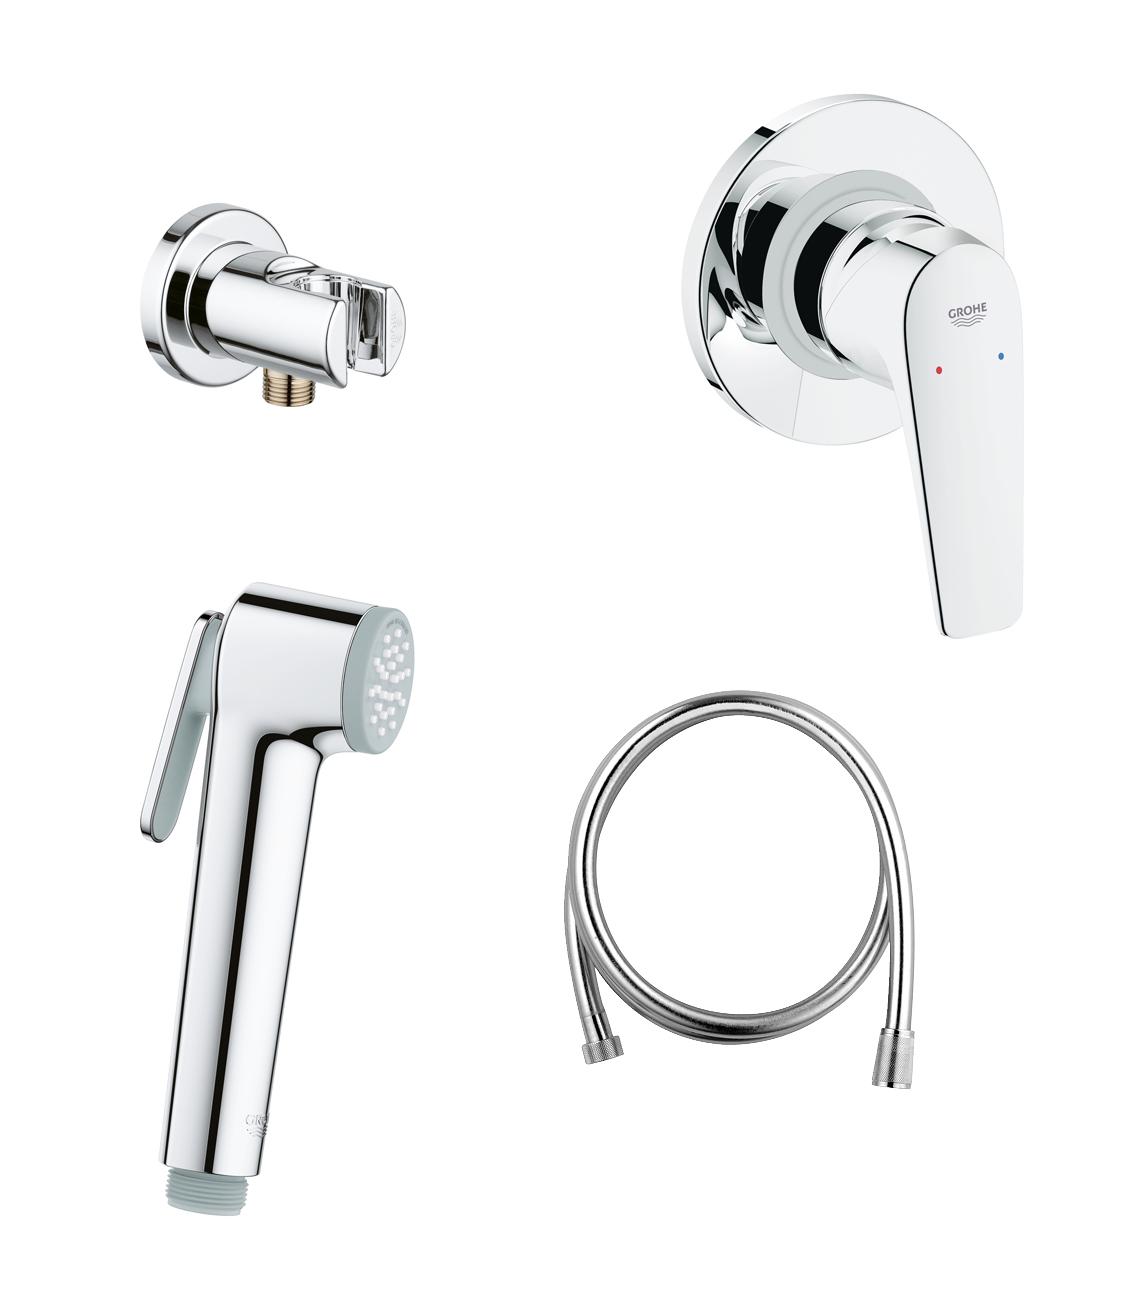 Готовый комплект для гигиенического душа GROHE BauFlow: встраиваемый смеситель, гигиенический душ со шлангом и держателем, хром (124900)